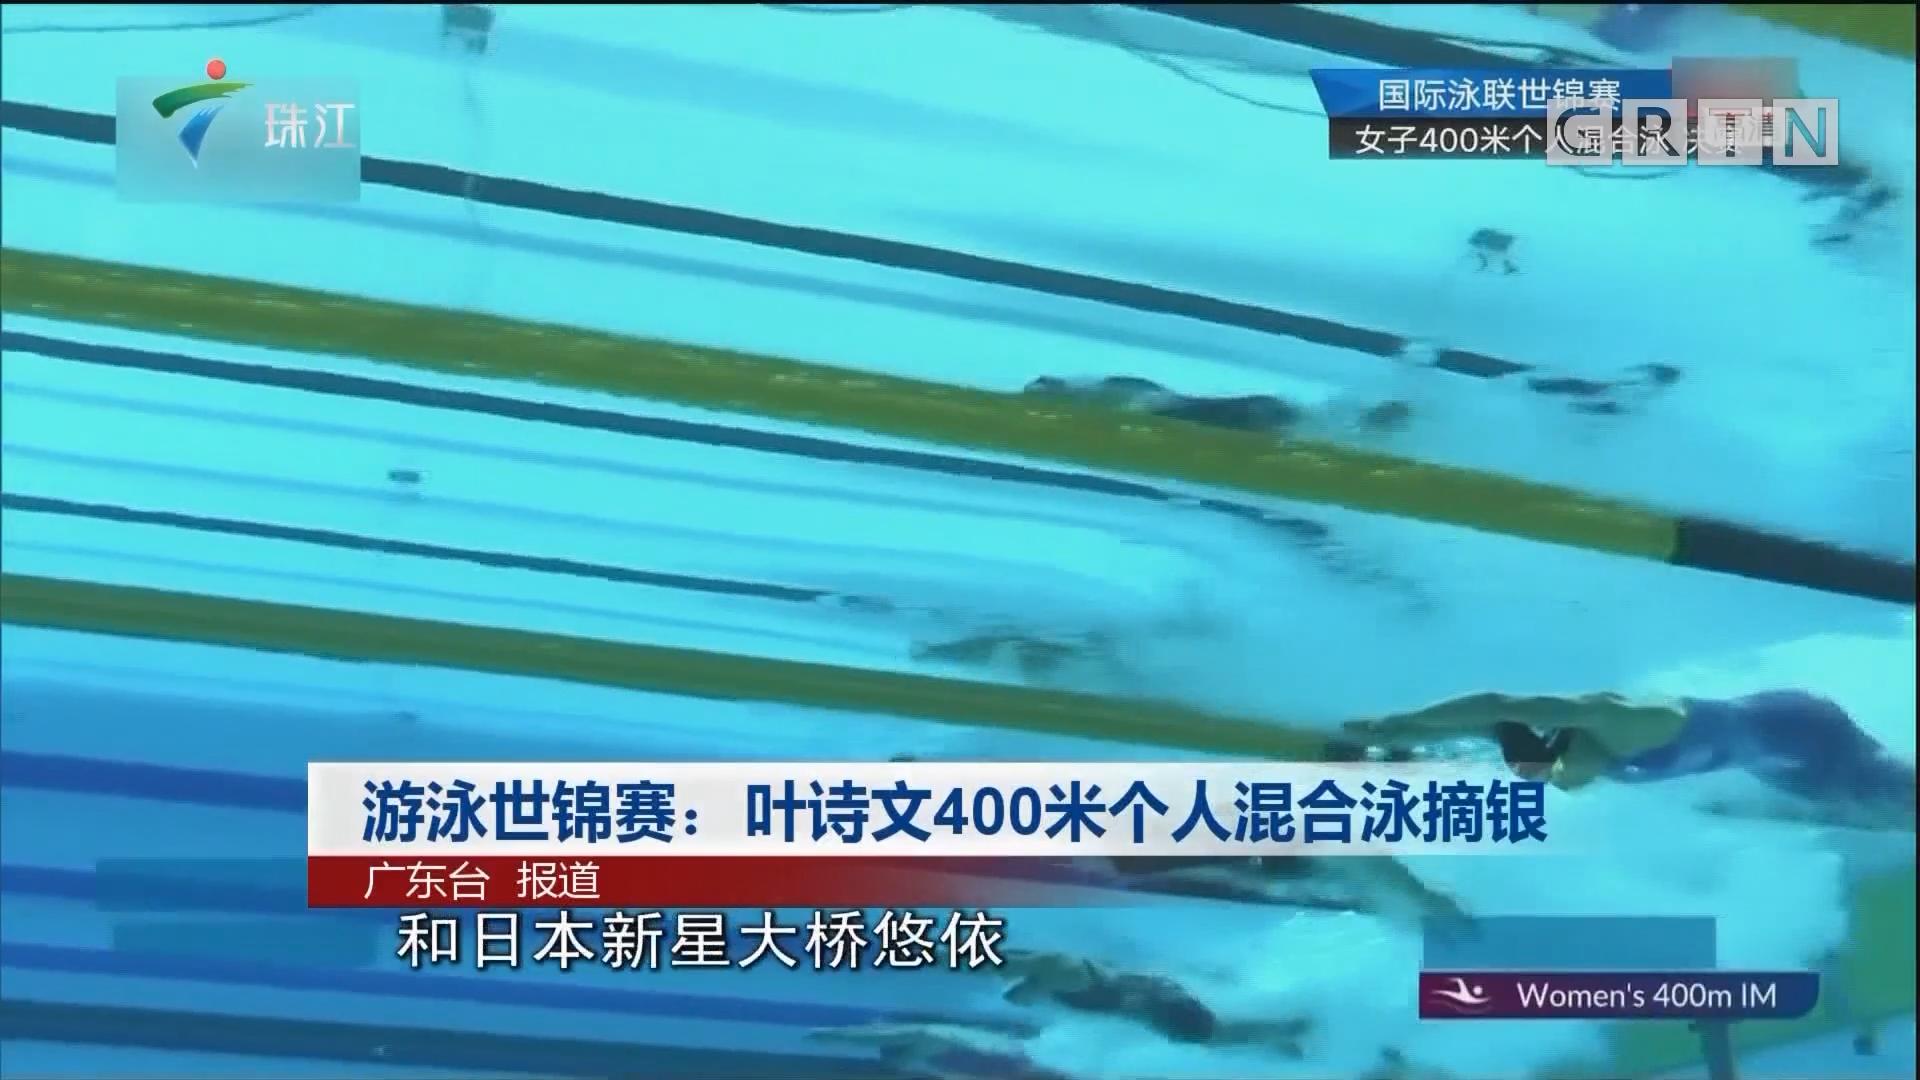 游泳世錦賽:葉詩文400米個人混合泳摘銀